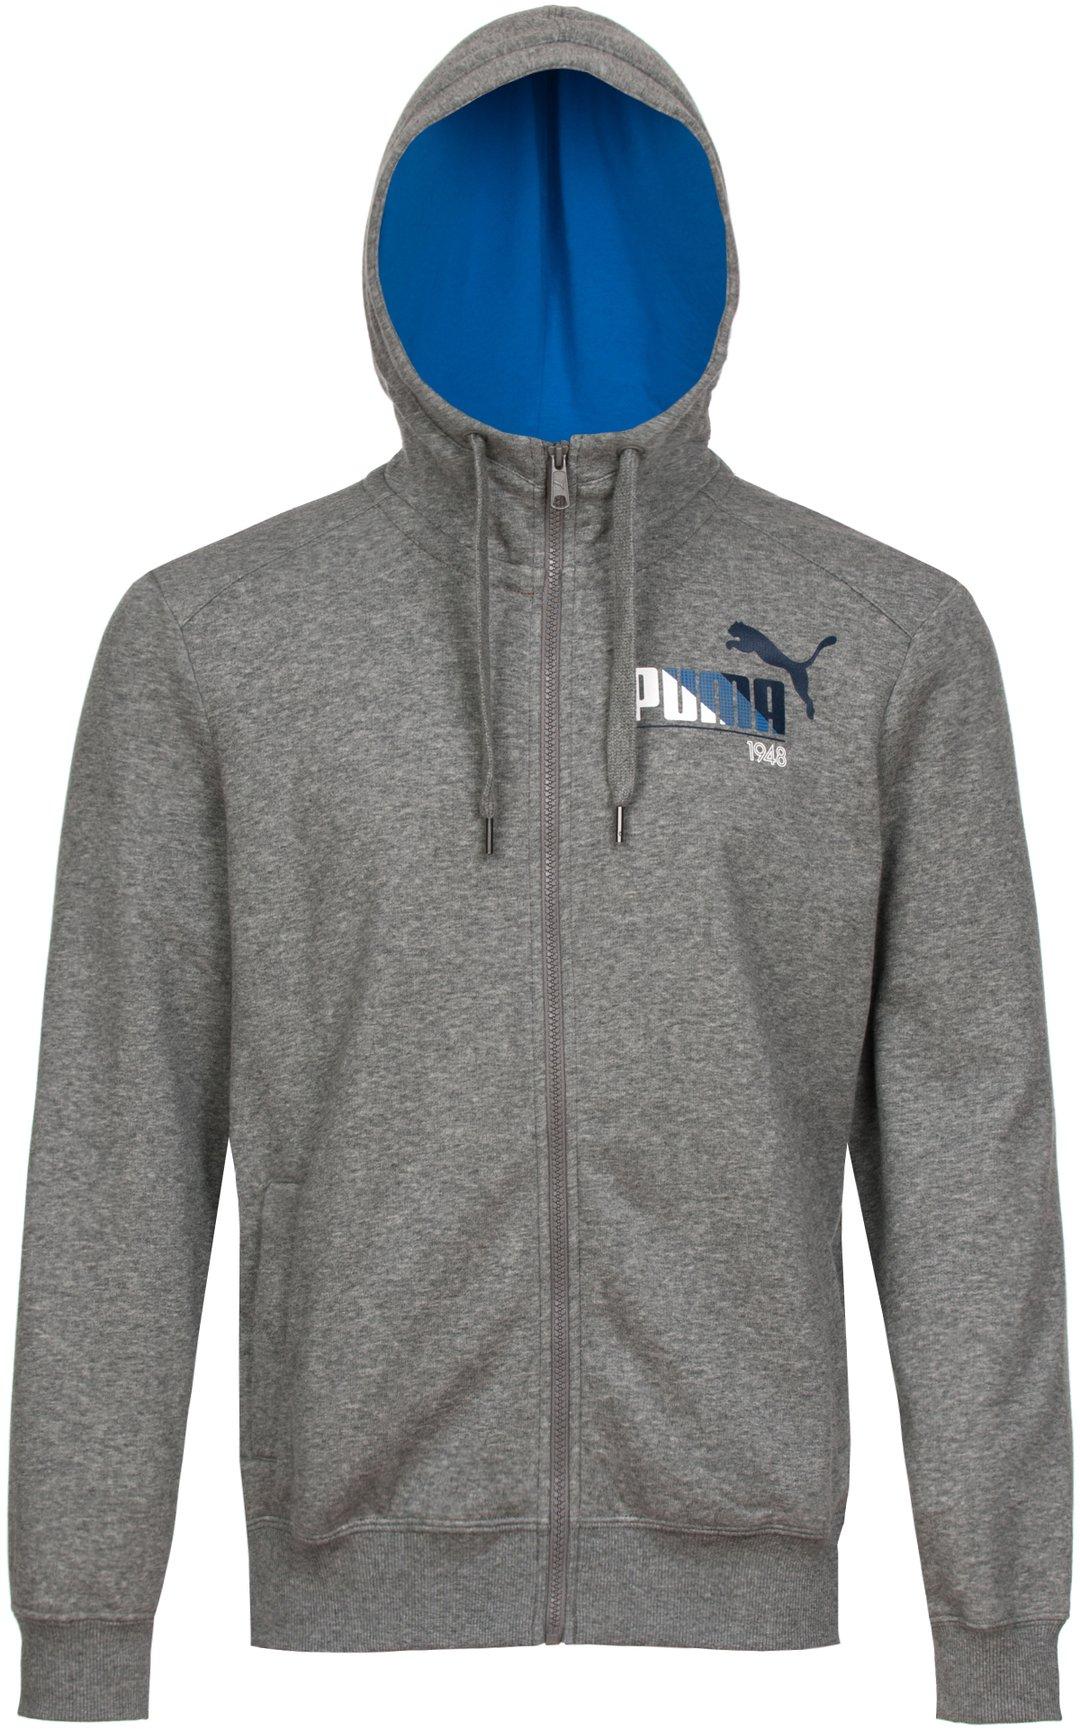 Puma Sweatjacke Herren vergleichen und günstig kaufen